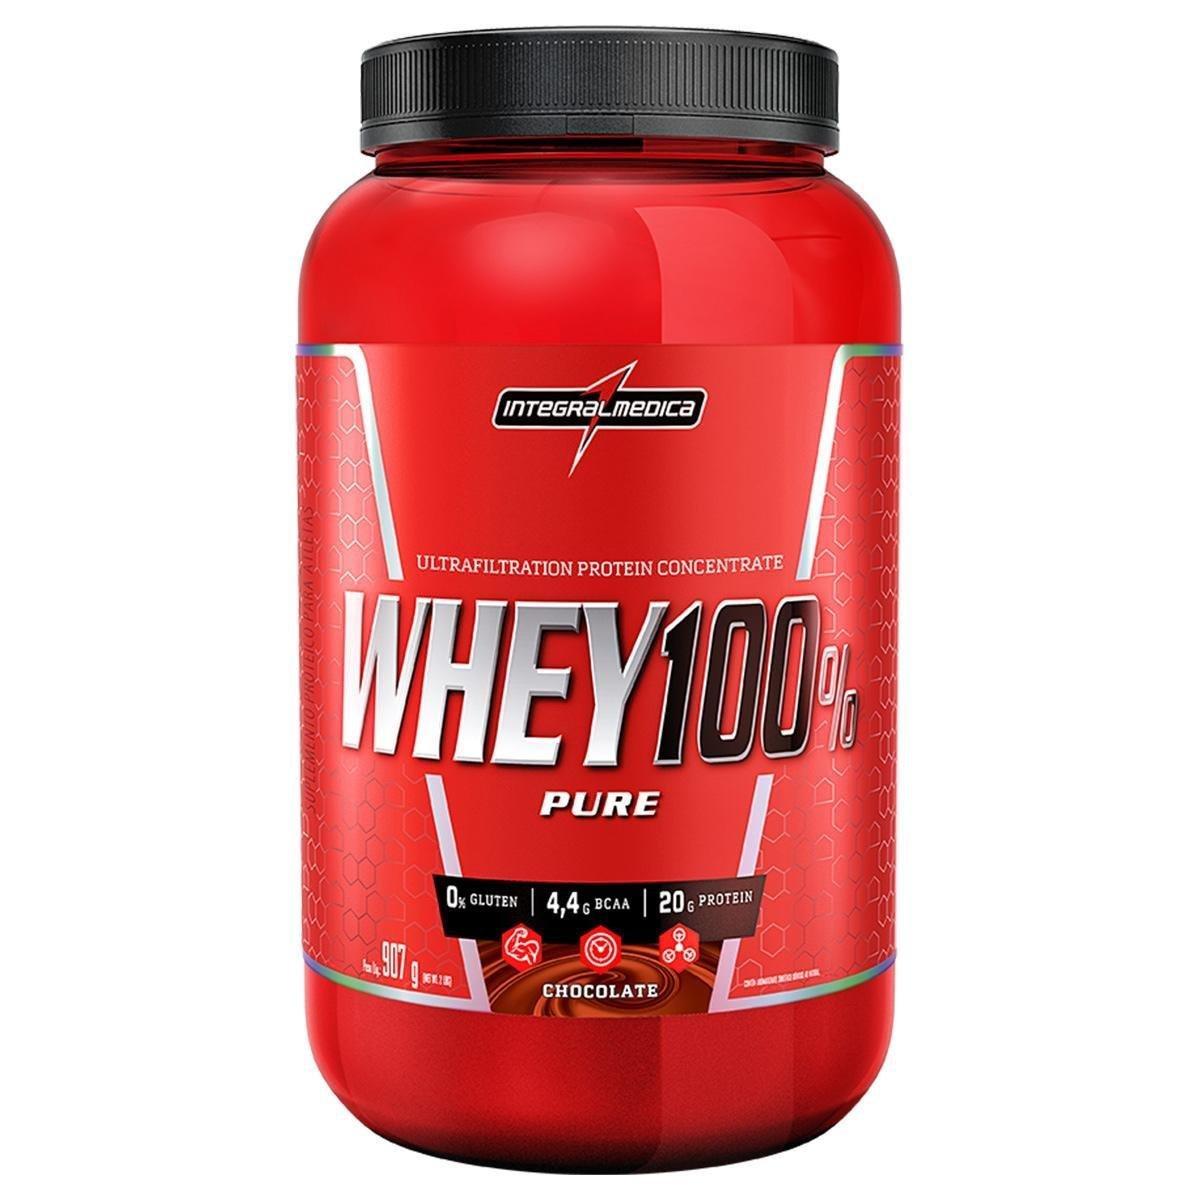 Whey 100% Pure (907g) Integralmedica